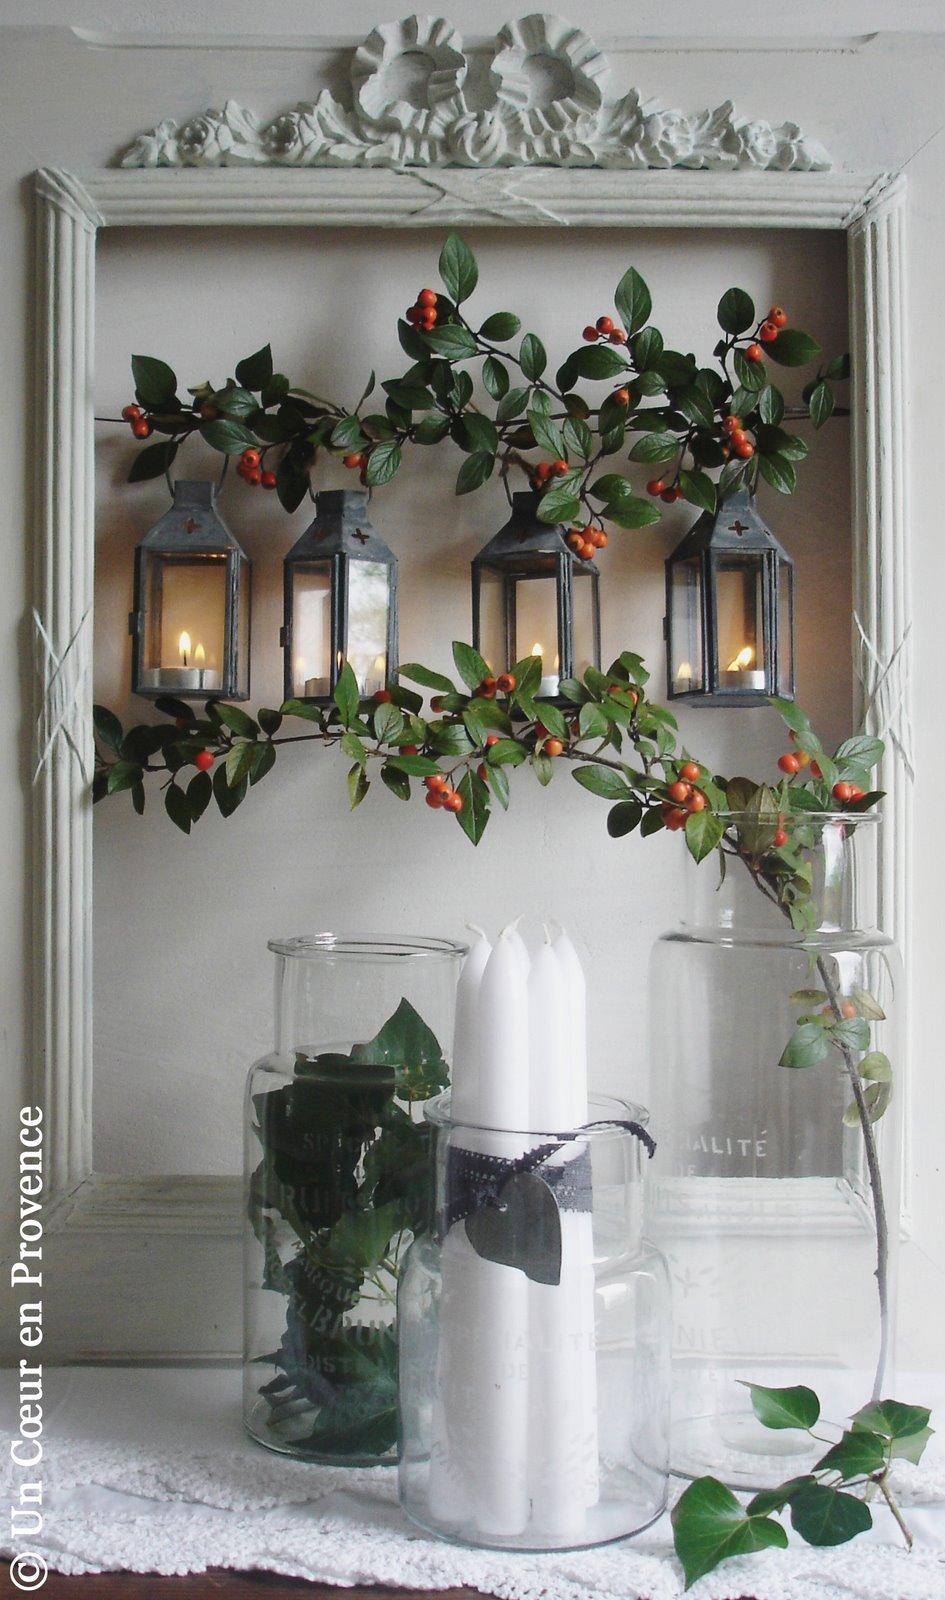 Mise en scène dans vieux cadre de lanternes et pots en verre